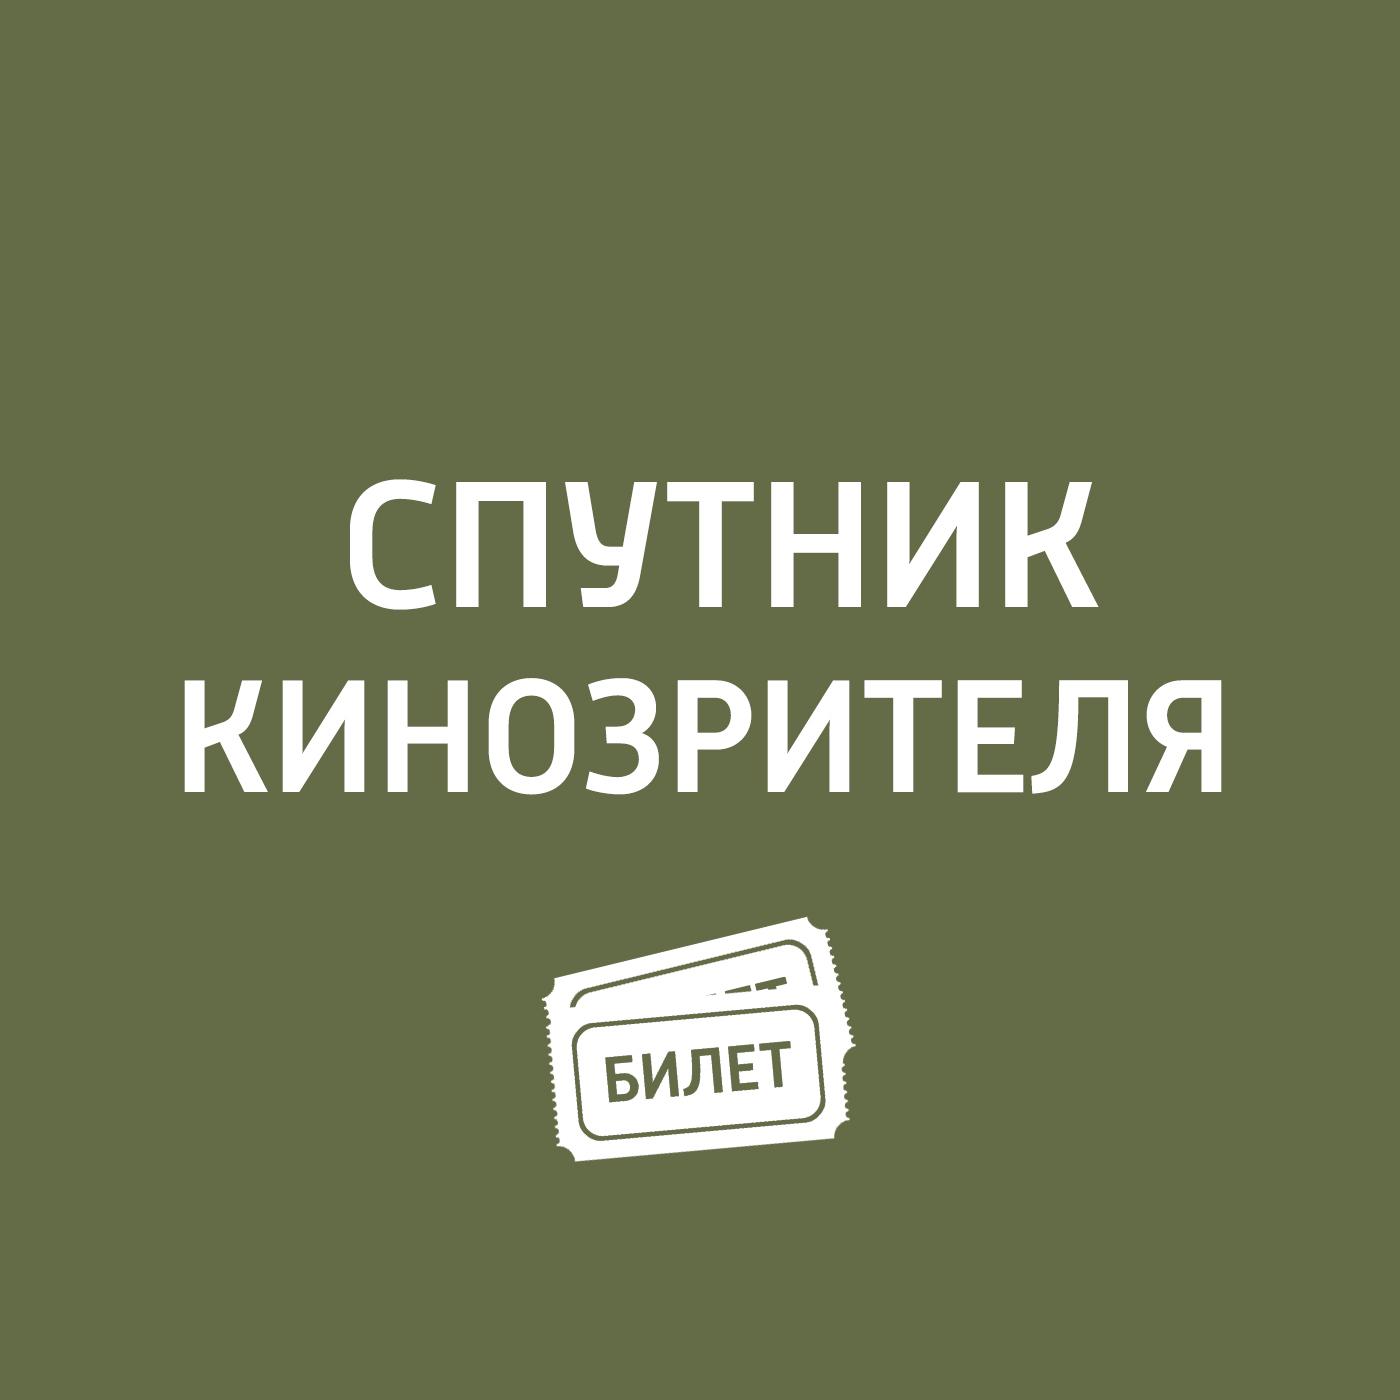 Антон Долин Большой фестиаль мультфильмо